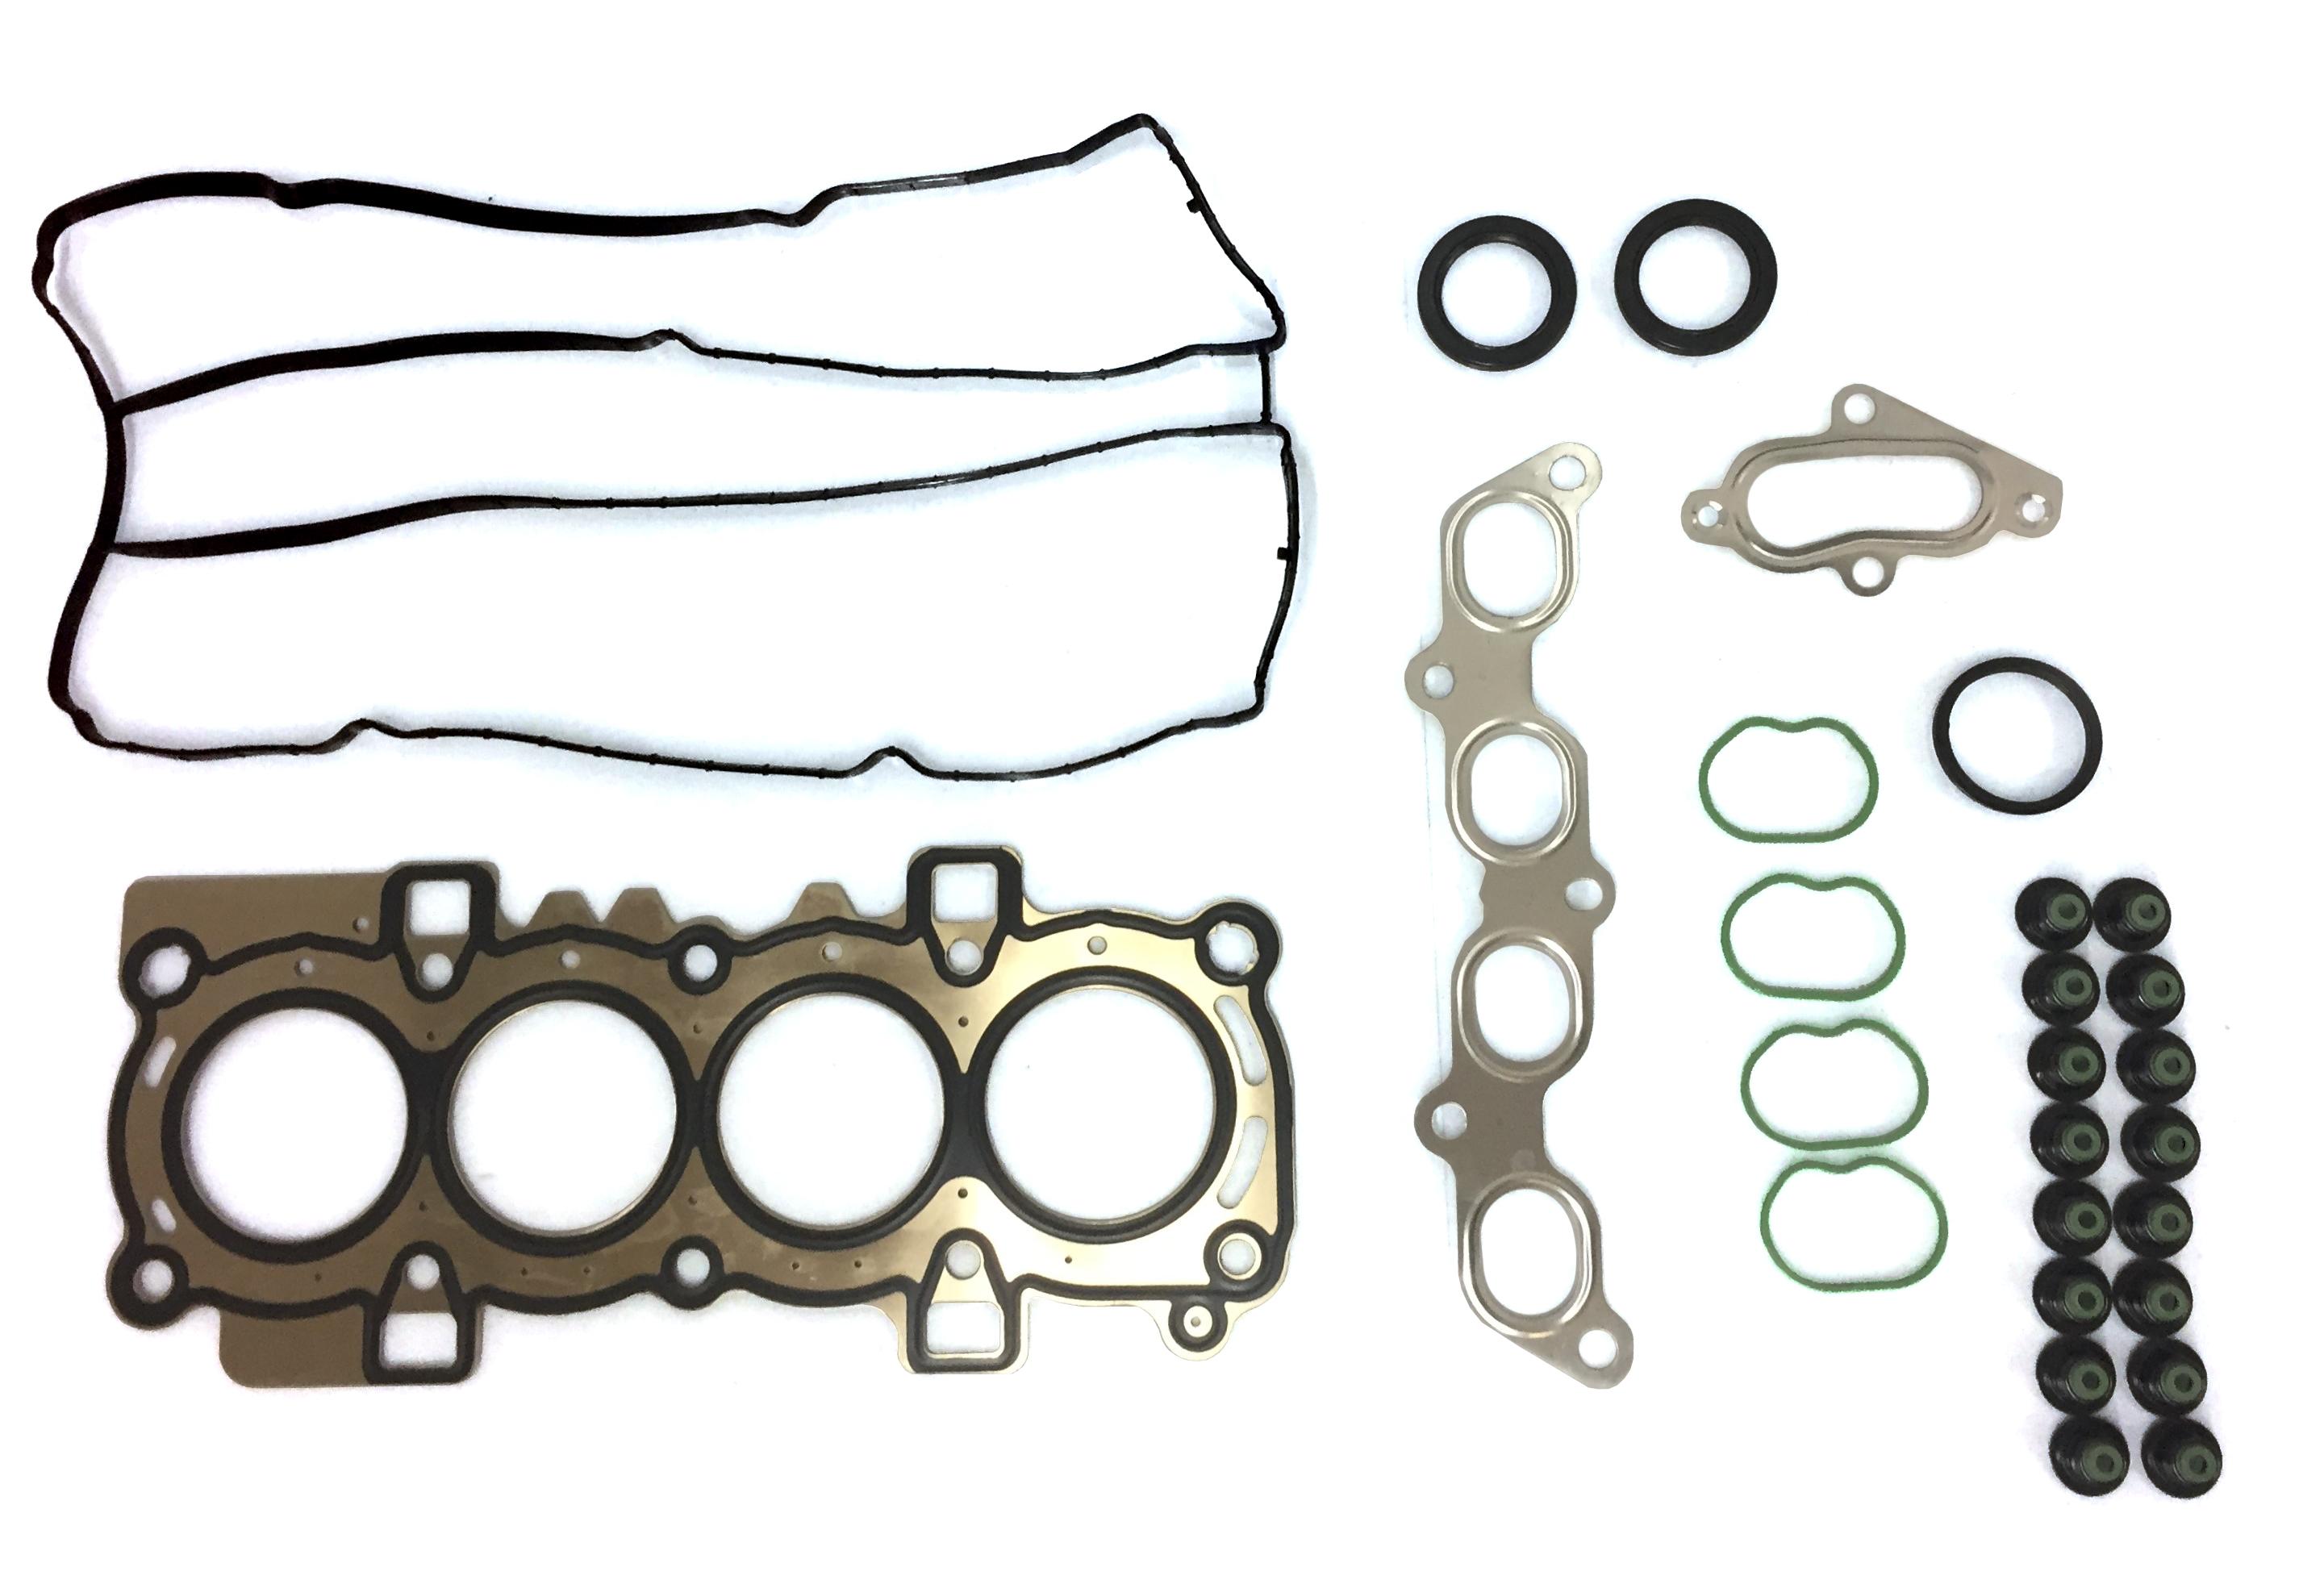 Kit de joints de Culasse Ford Fiesta VI 1,25 SNJA 1538349 NOUVEAU